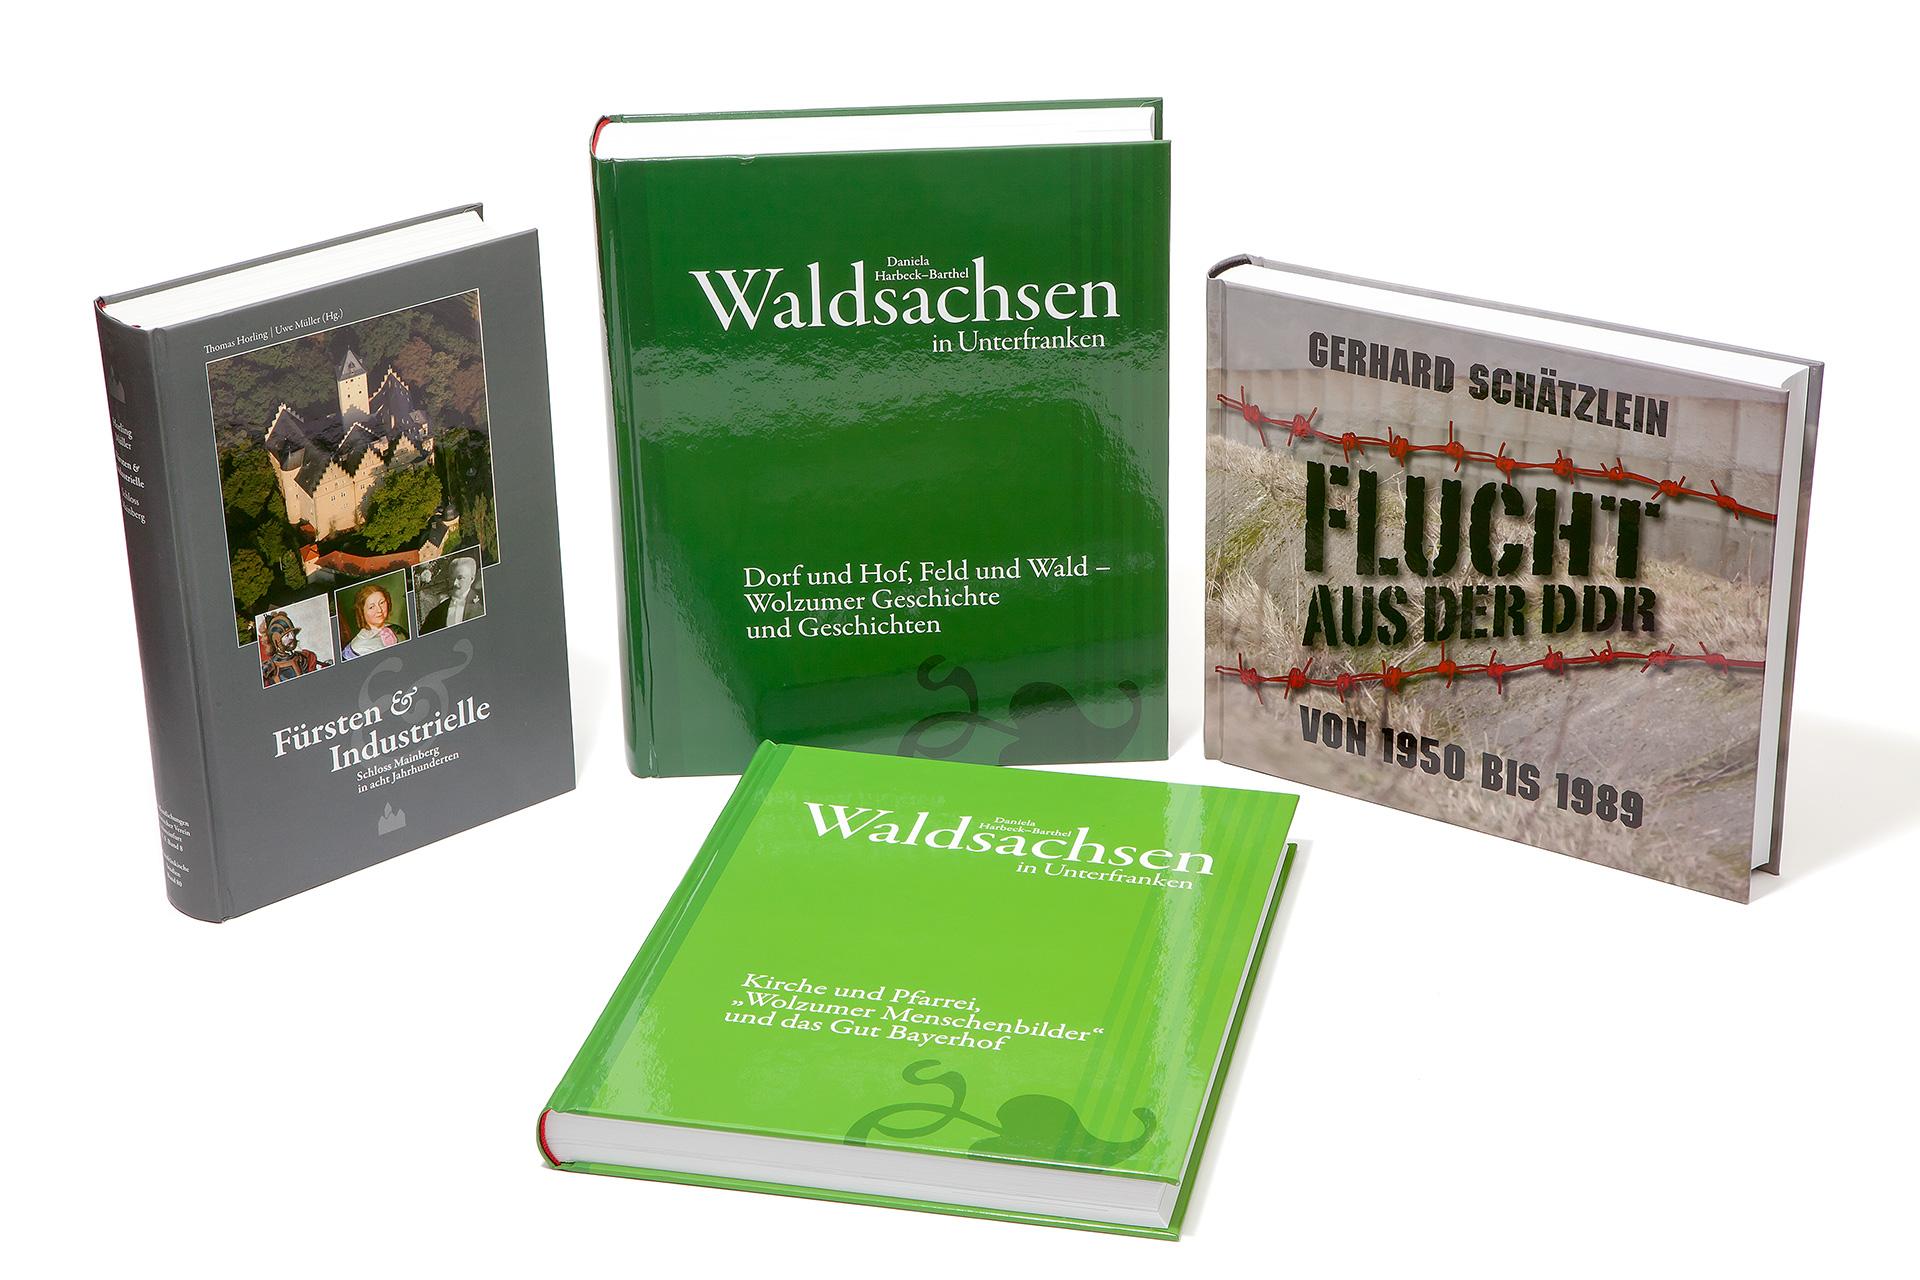 Bücher, Verlag, Buchverlag